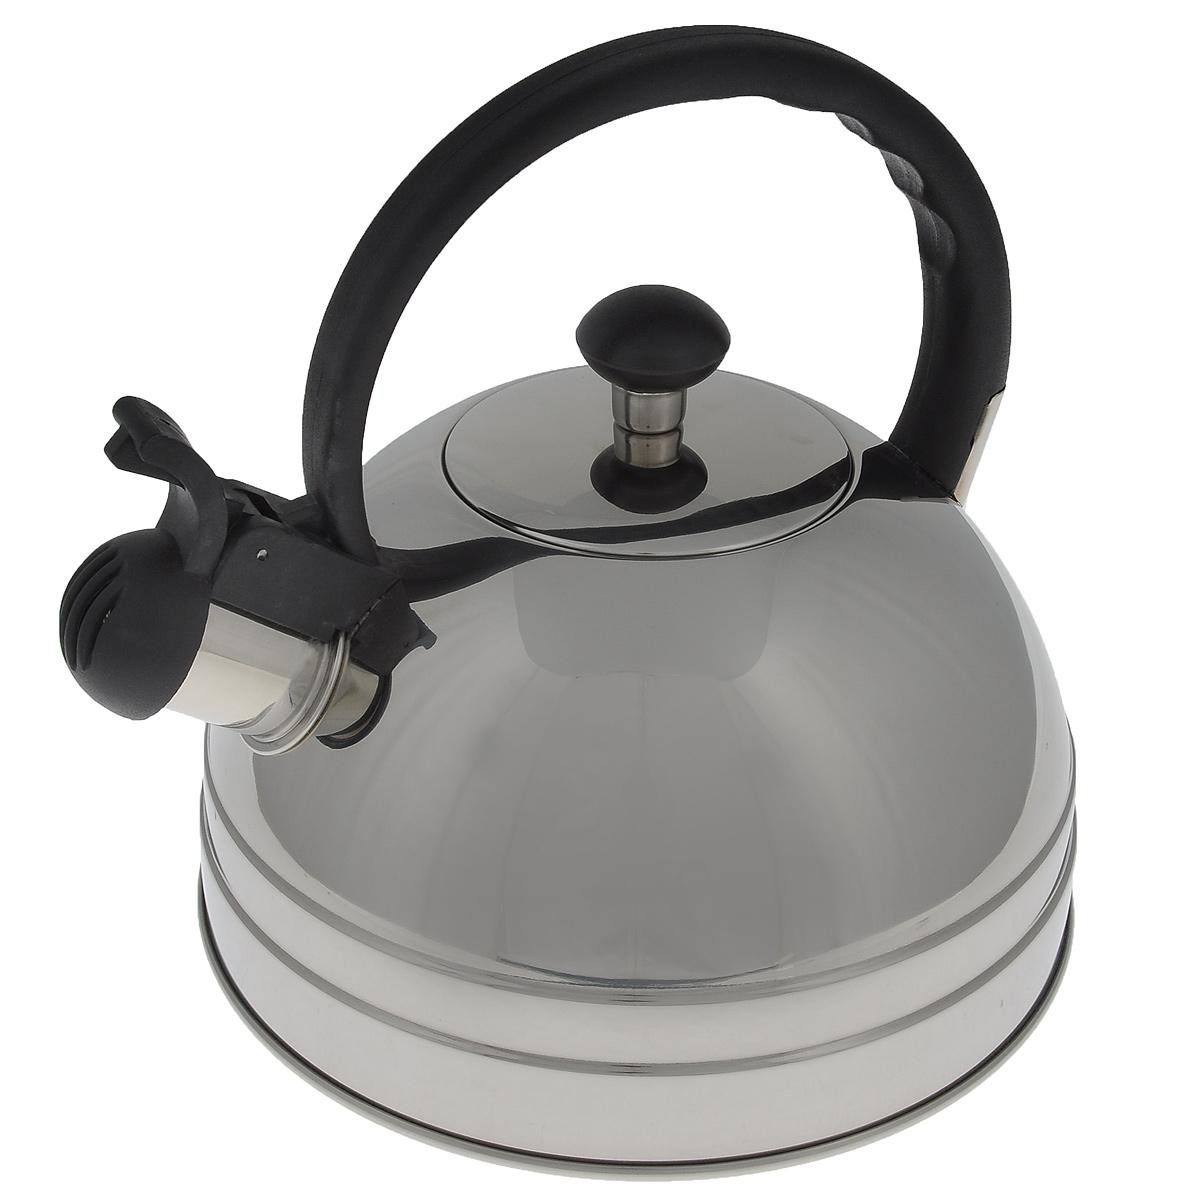 Чайник Regent Inox Tea со свистком, 2,5 л. 93-TEA-26 regent inox чайник tea 3 л оранжевый со свистком fkwuyil